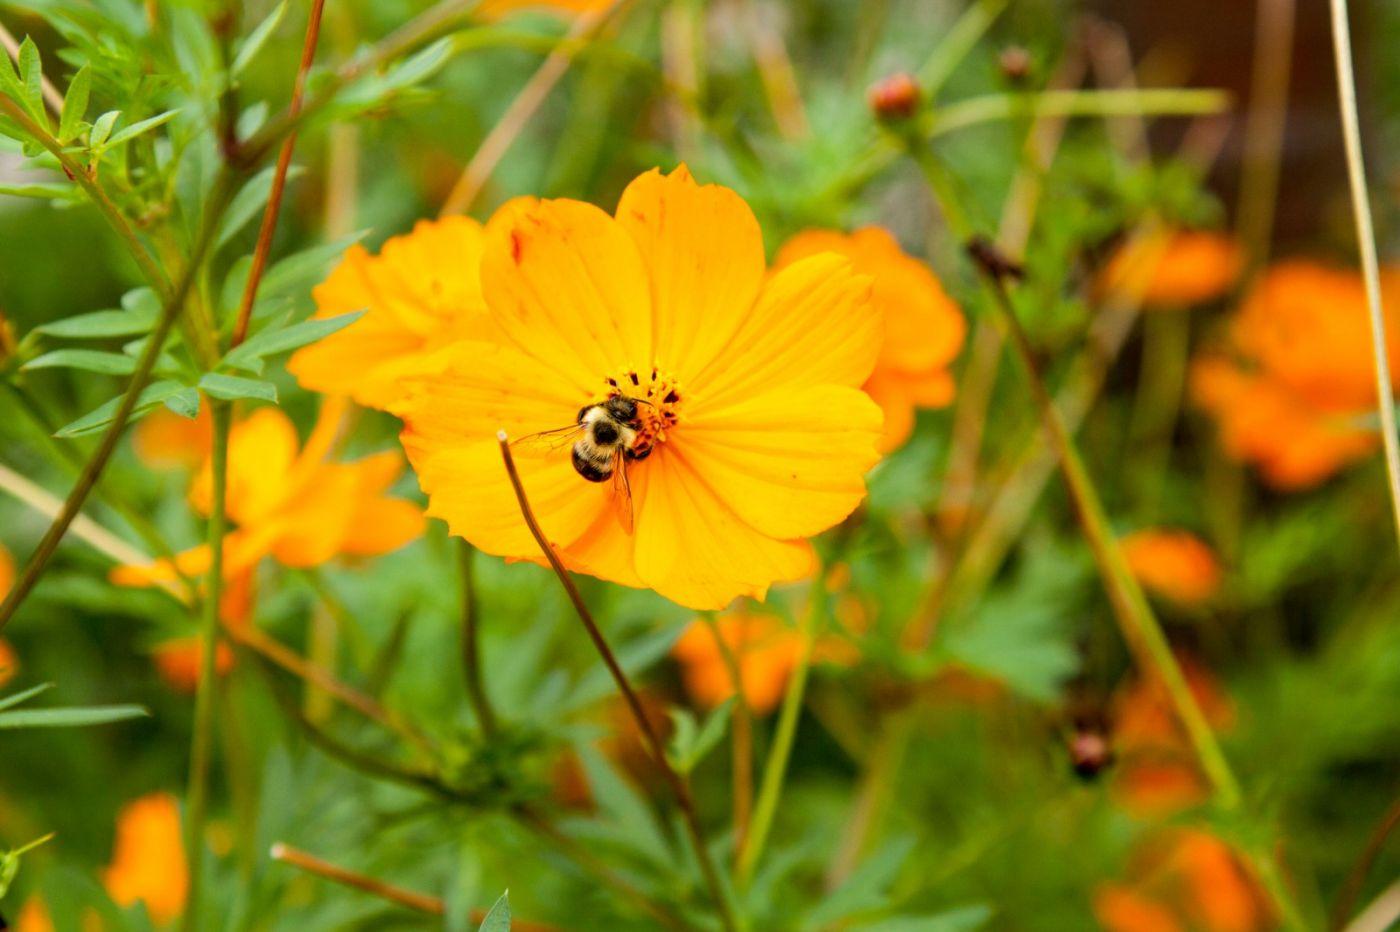 蜂在花丛中_图1-2